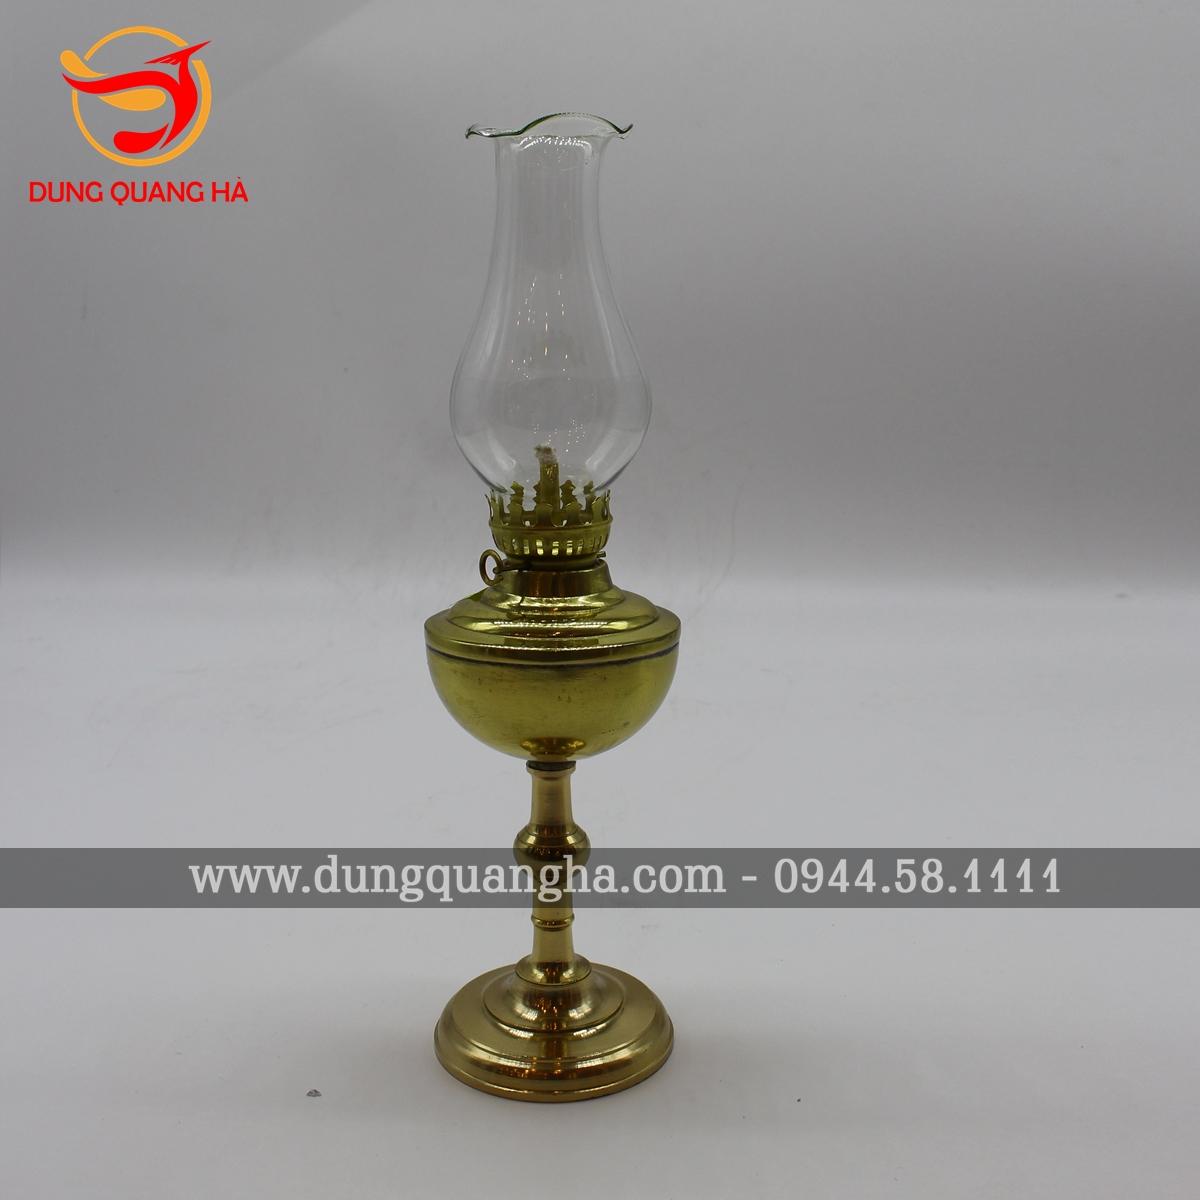 Đèn thờ bằng đồng vàng mộc trơn sang trọng 3